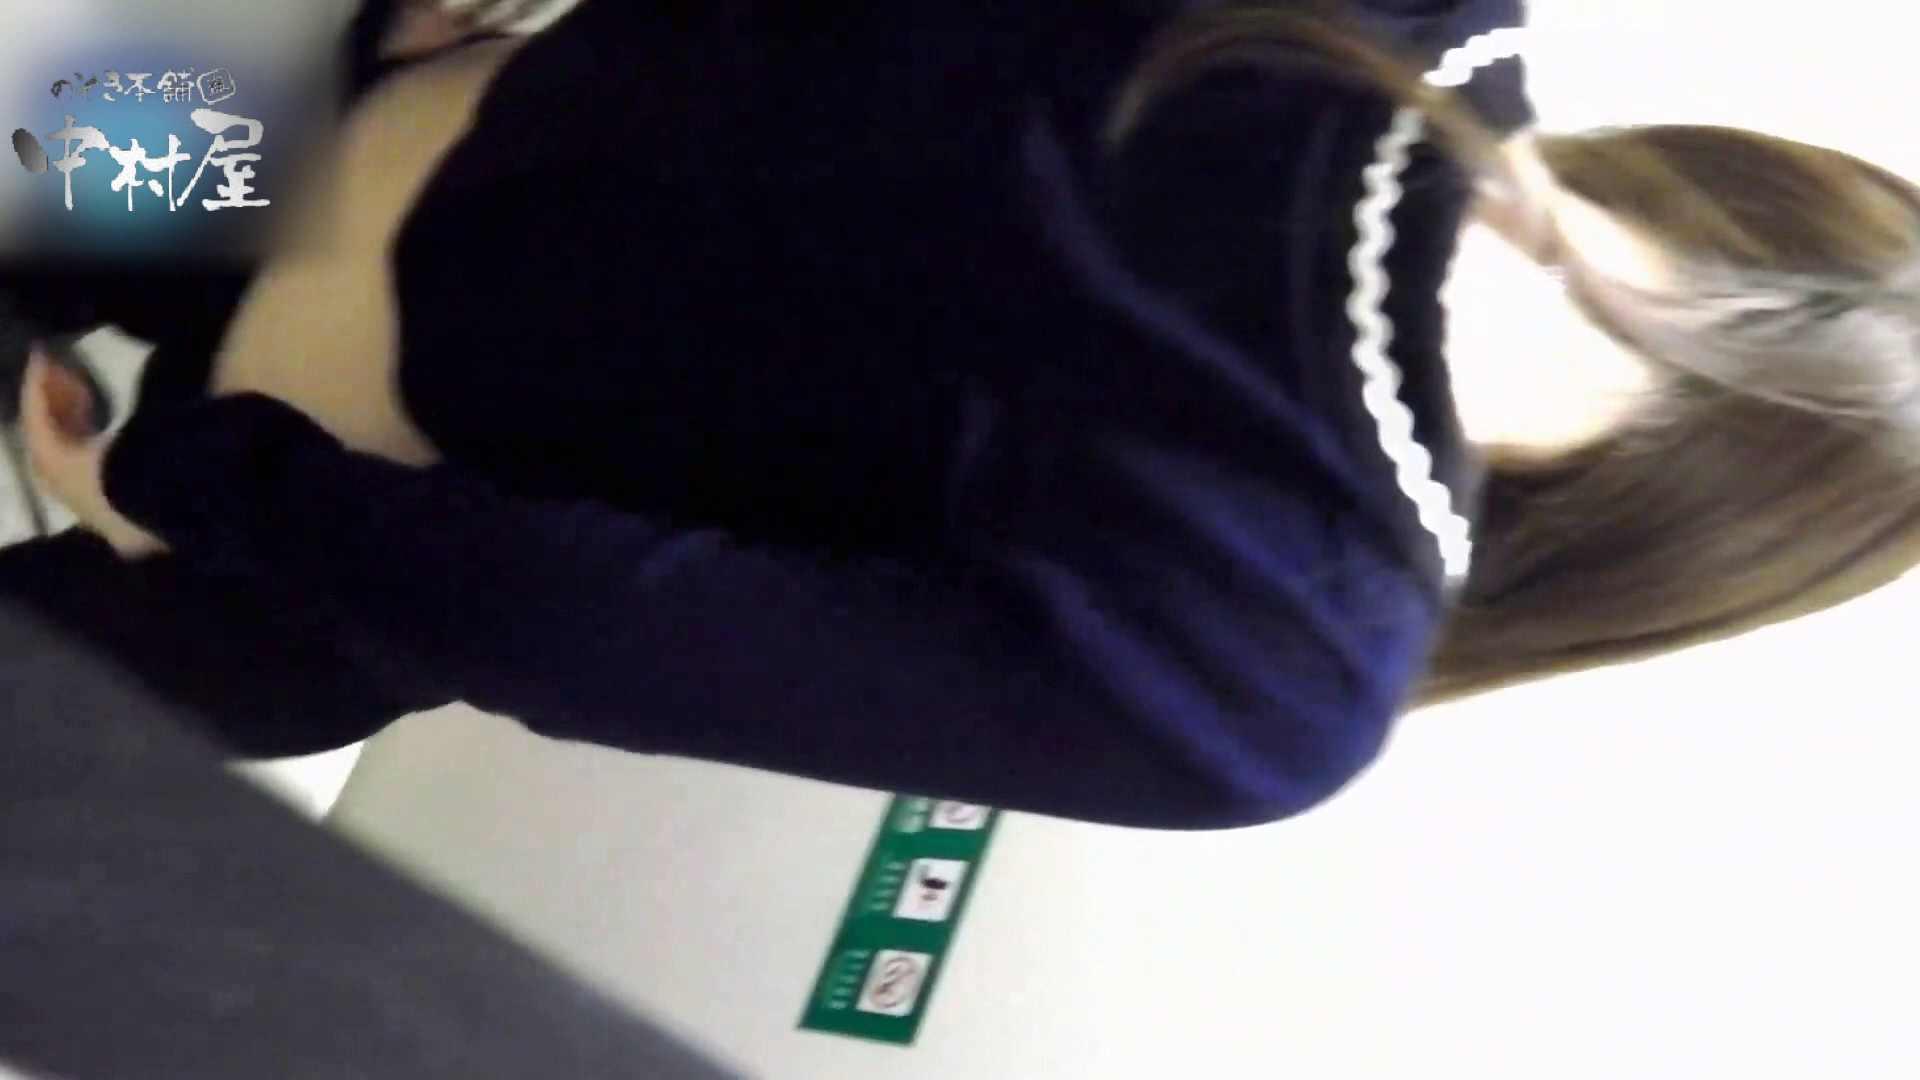 乙女集まる!ショッピングモール潜入撮vol.01 エロい乙女 AV動画キャプチャ 11枚 3